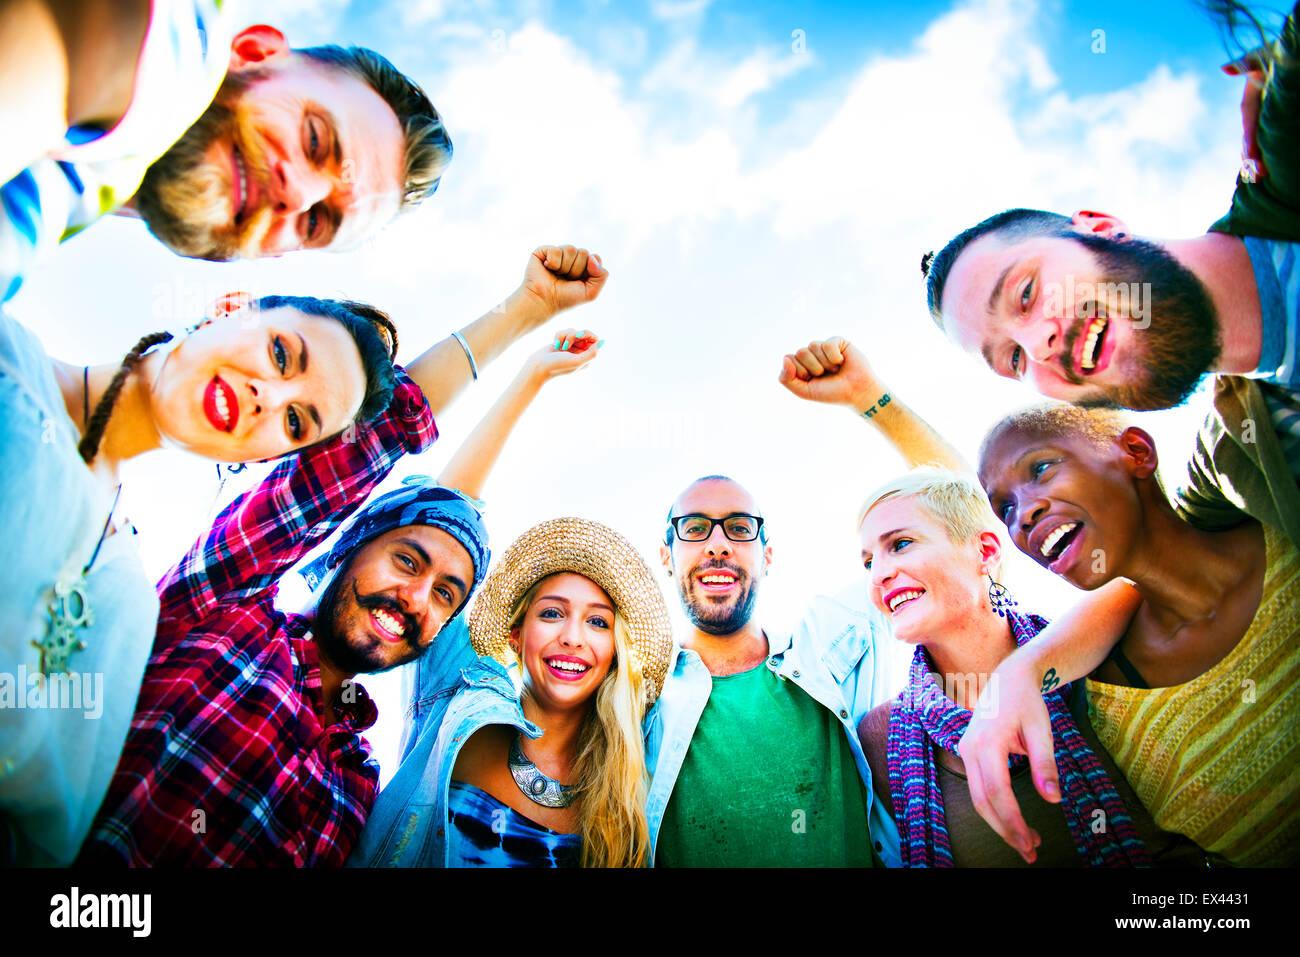 Los amigos se apiñan unir el concepto de grupo de fiesta Foto de stock